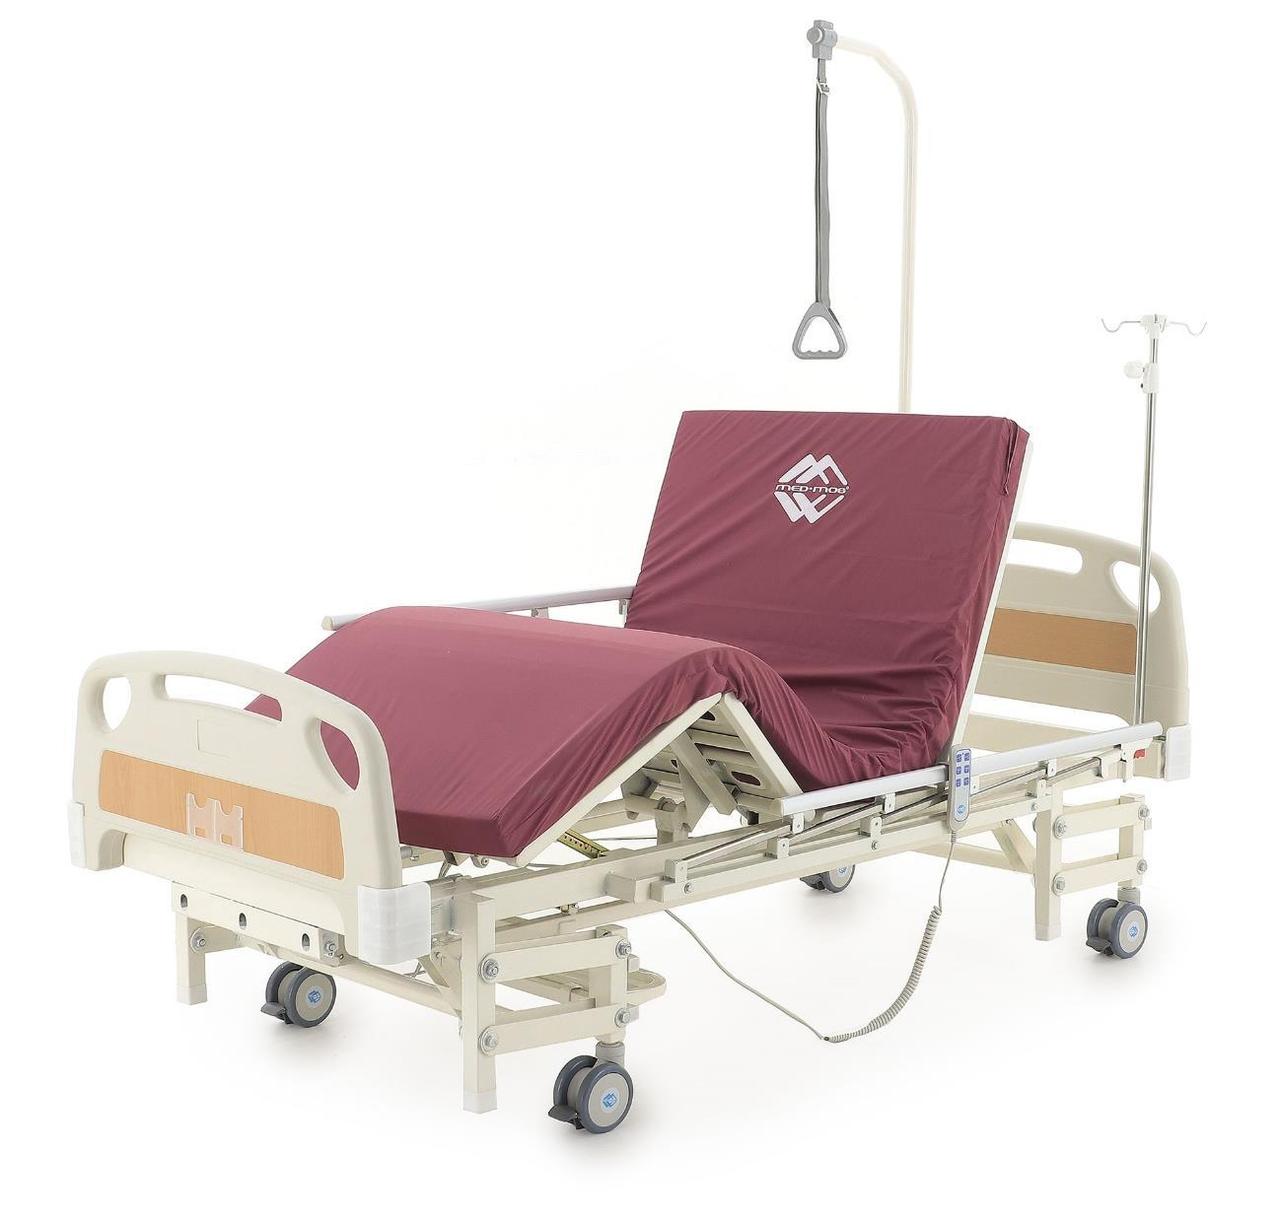 Електричне ліжко функціональне DB-6